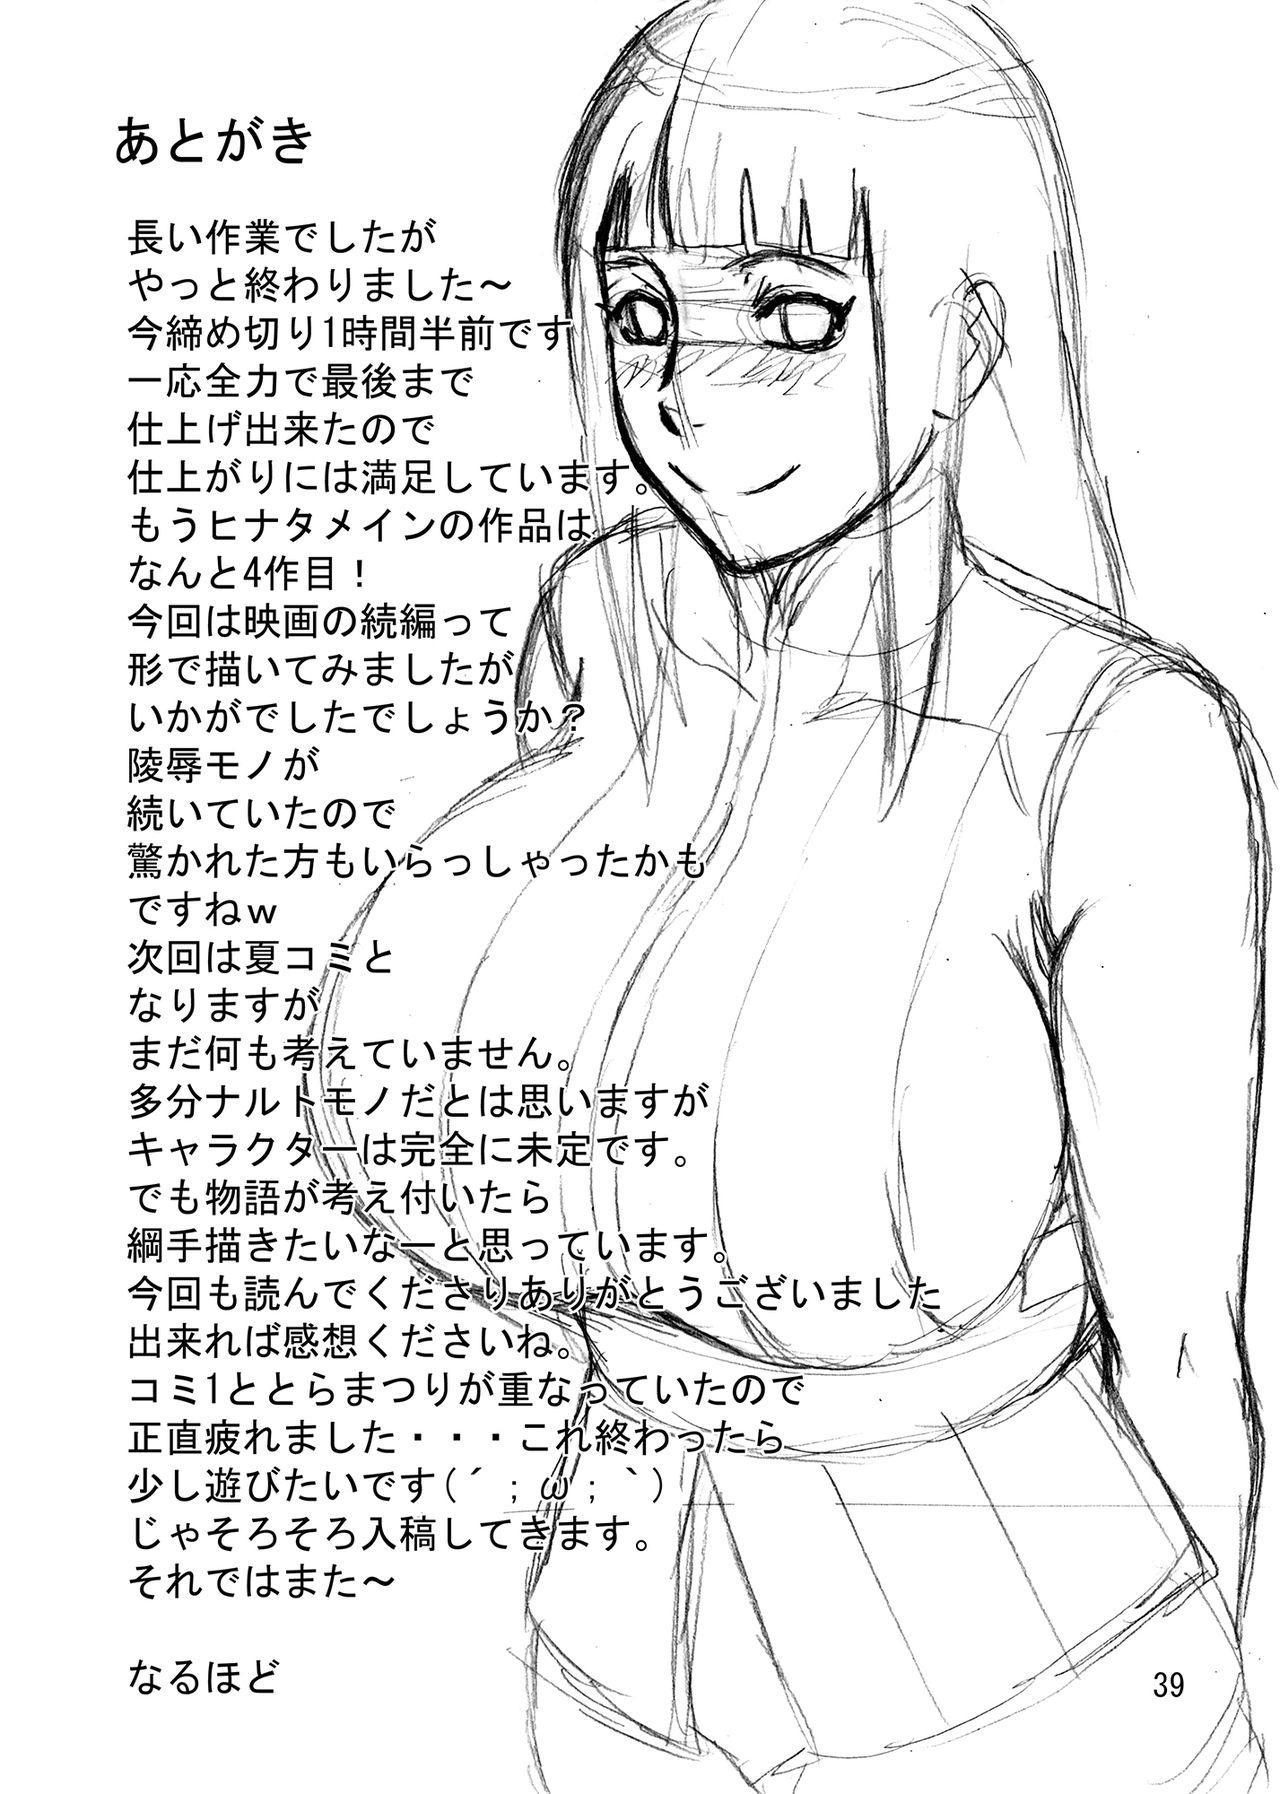 NaruHina 79